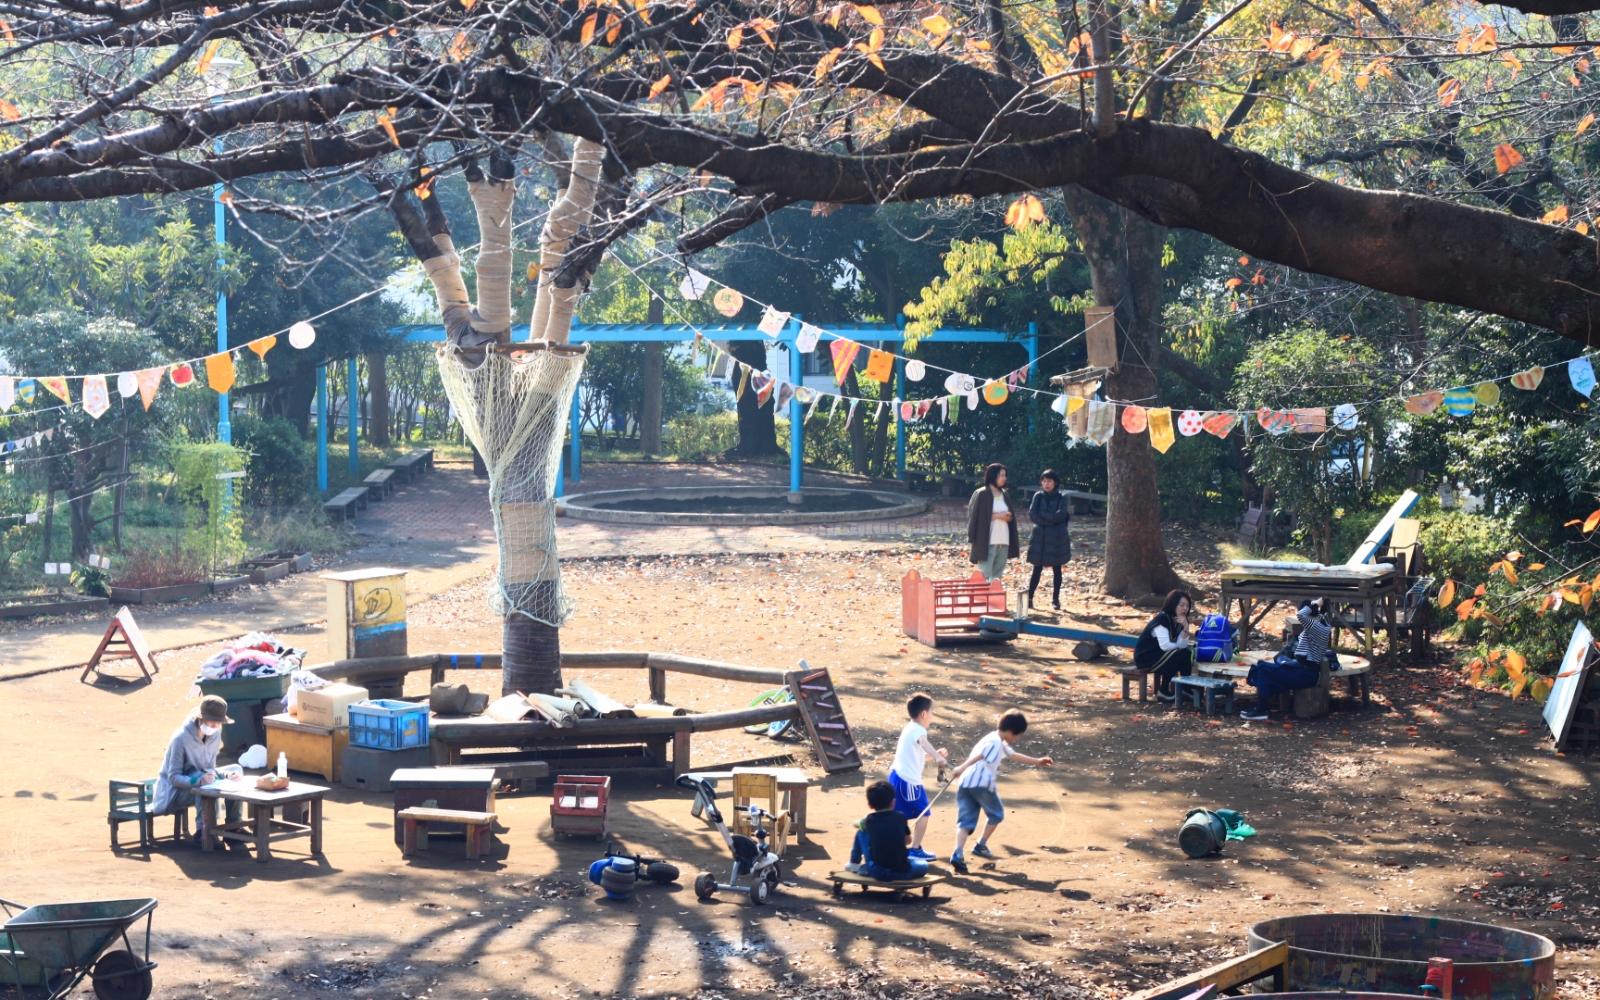 Cooling Down at 5 of Tokyo's Mud Parks-Shibuya Haru no Ogawa Play Park